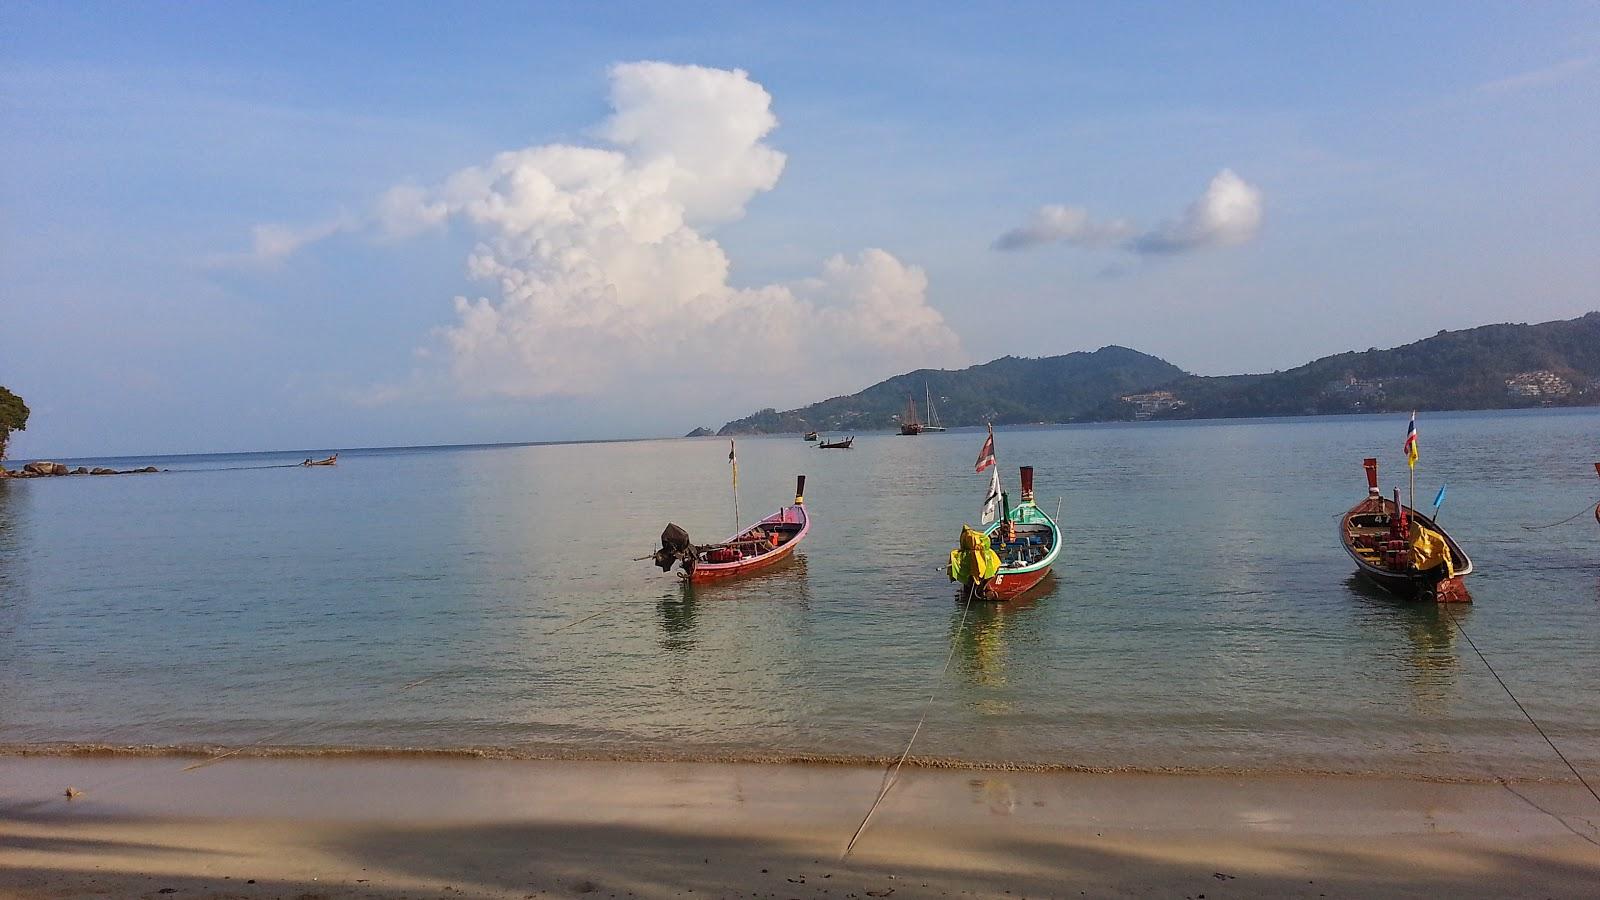 Phuket Island - Patong Bay